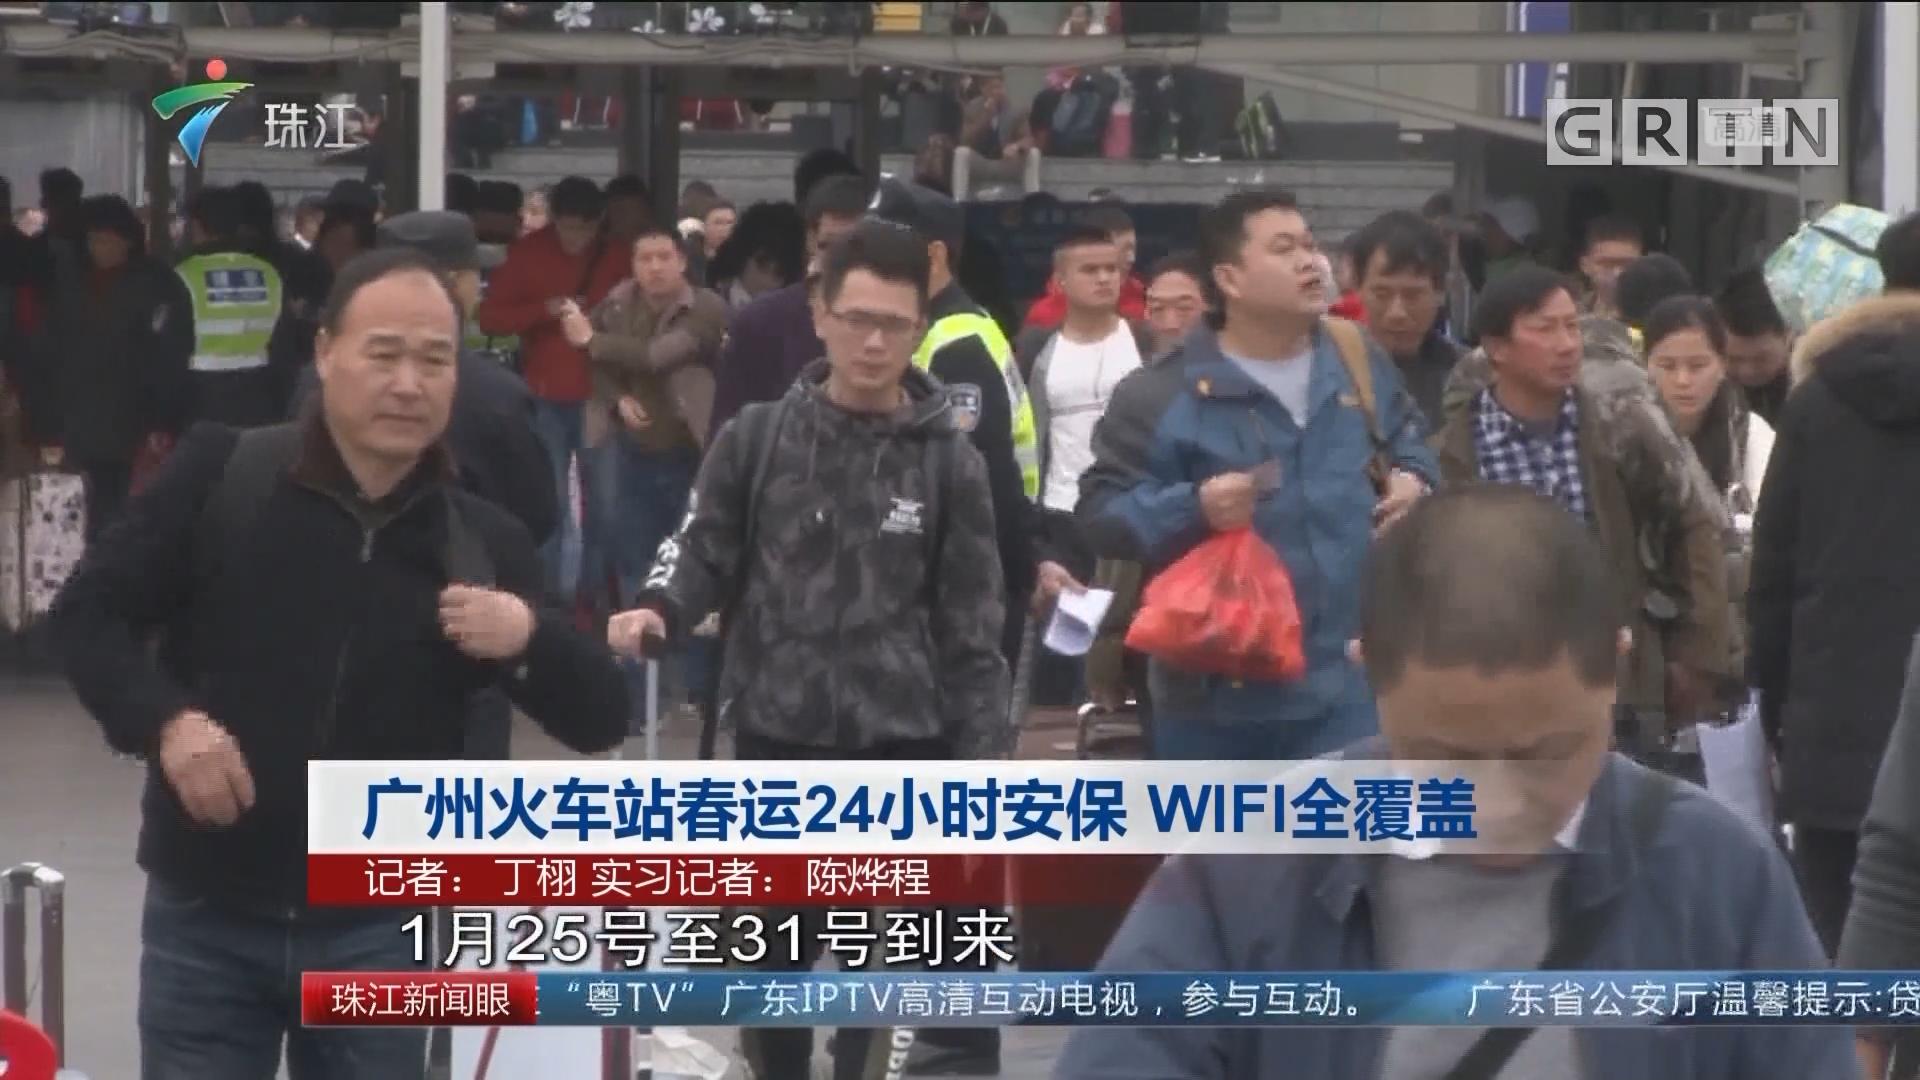 广州火车站春运24小时安保 WIFI全覆盖